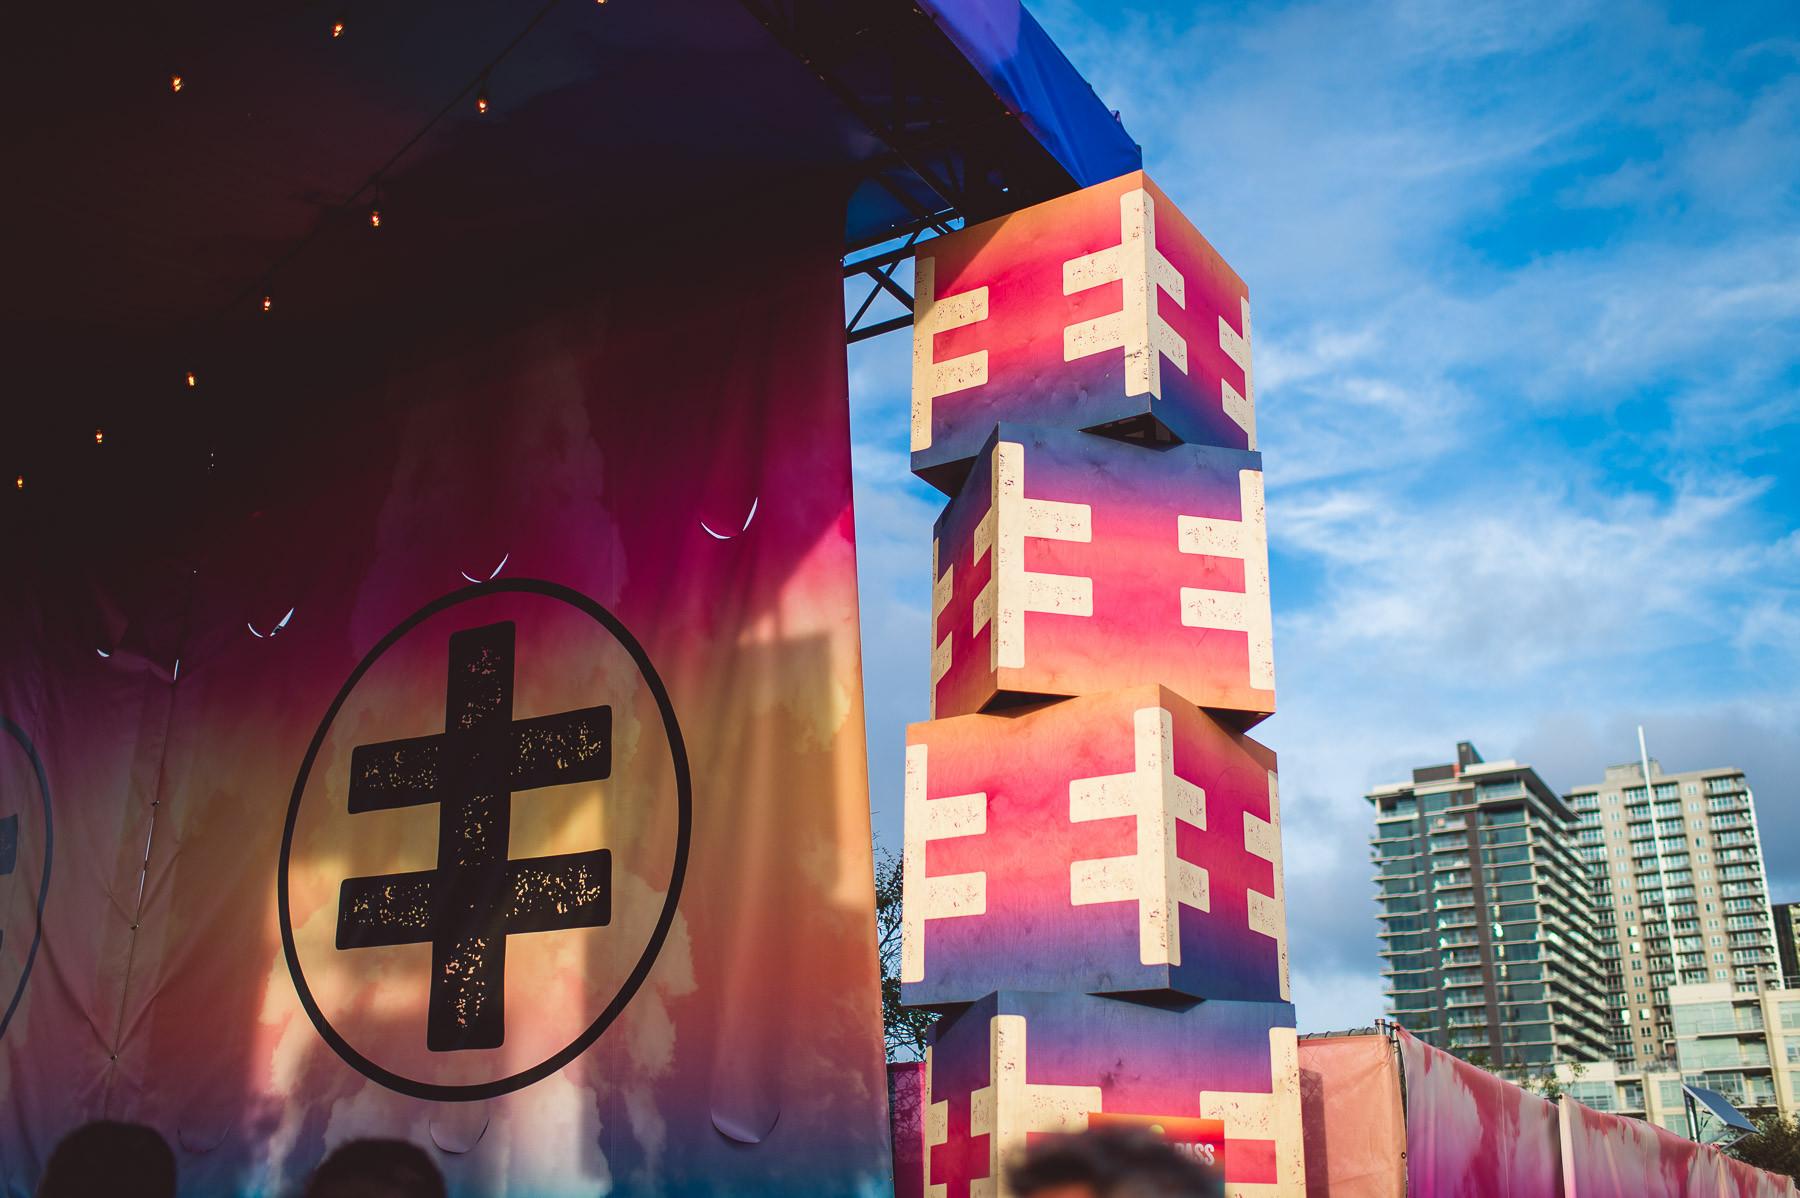 Crssd_Festival_Spring_2016 (1 of 47).jpg